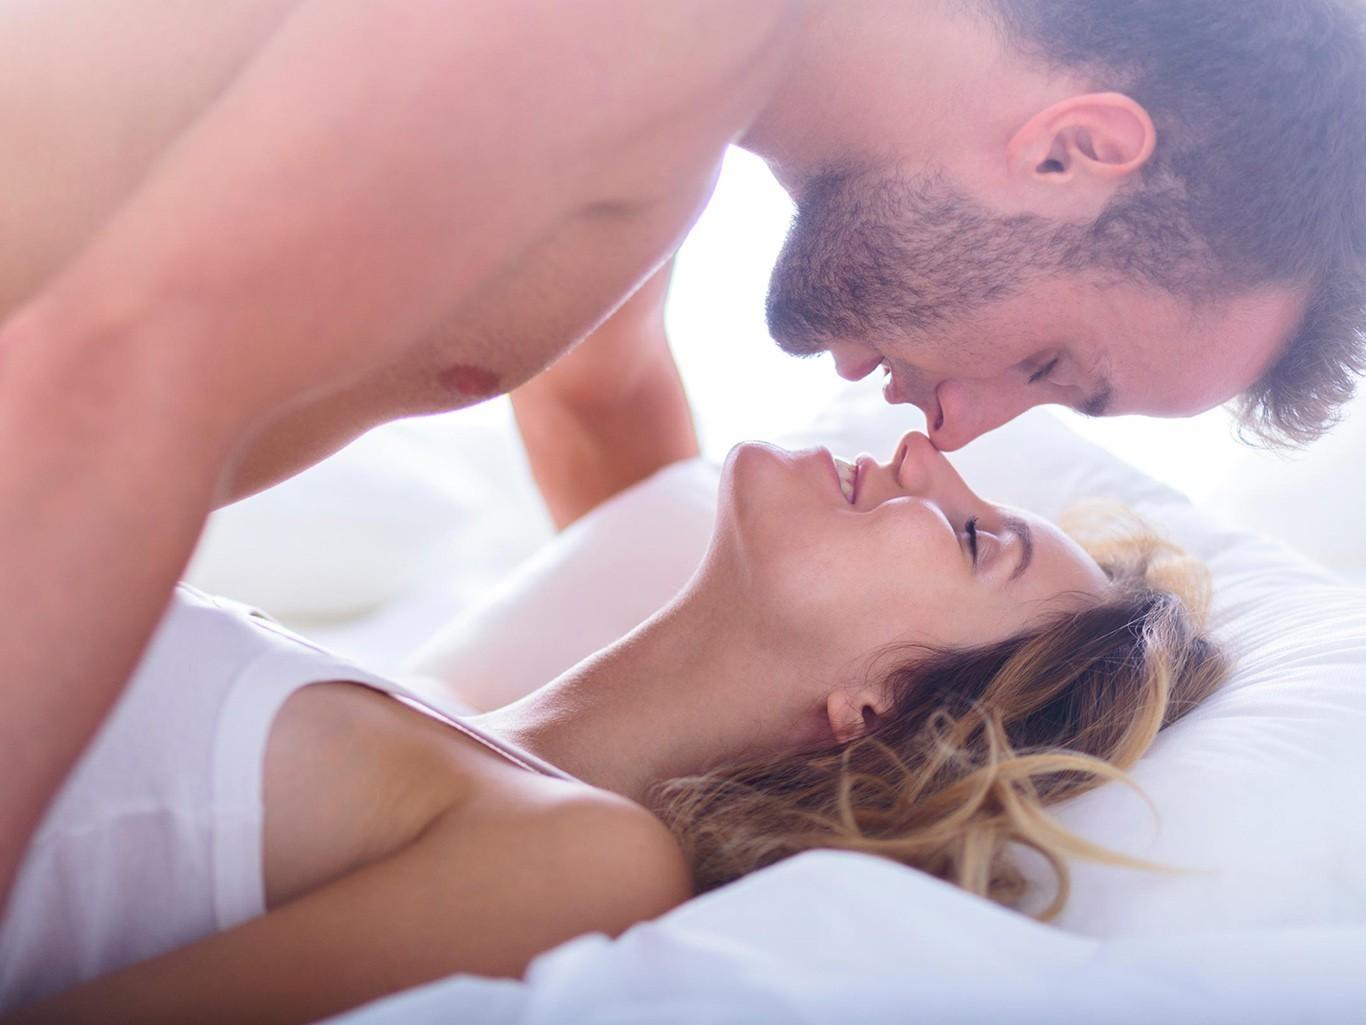 Μιράντα Κόσγκροβ πρωκτικό πορνόκυρία γυμνή φωτογραφία